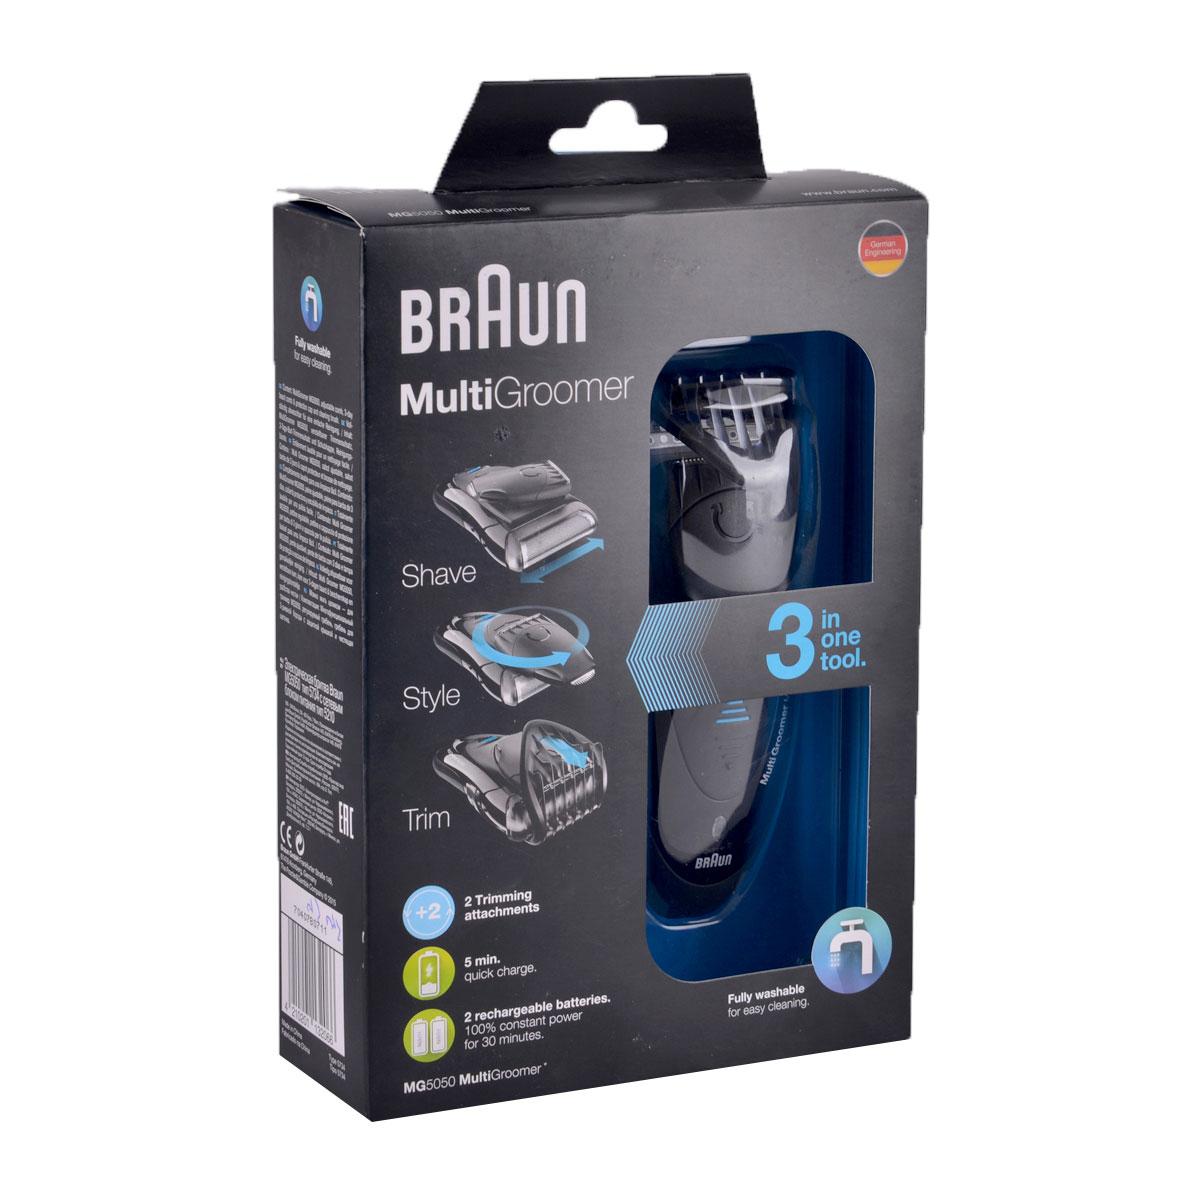 براون – ماكينة حلاقة للرجال3*1  متعددة الإستخدام موديل MG5050